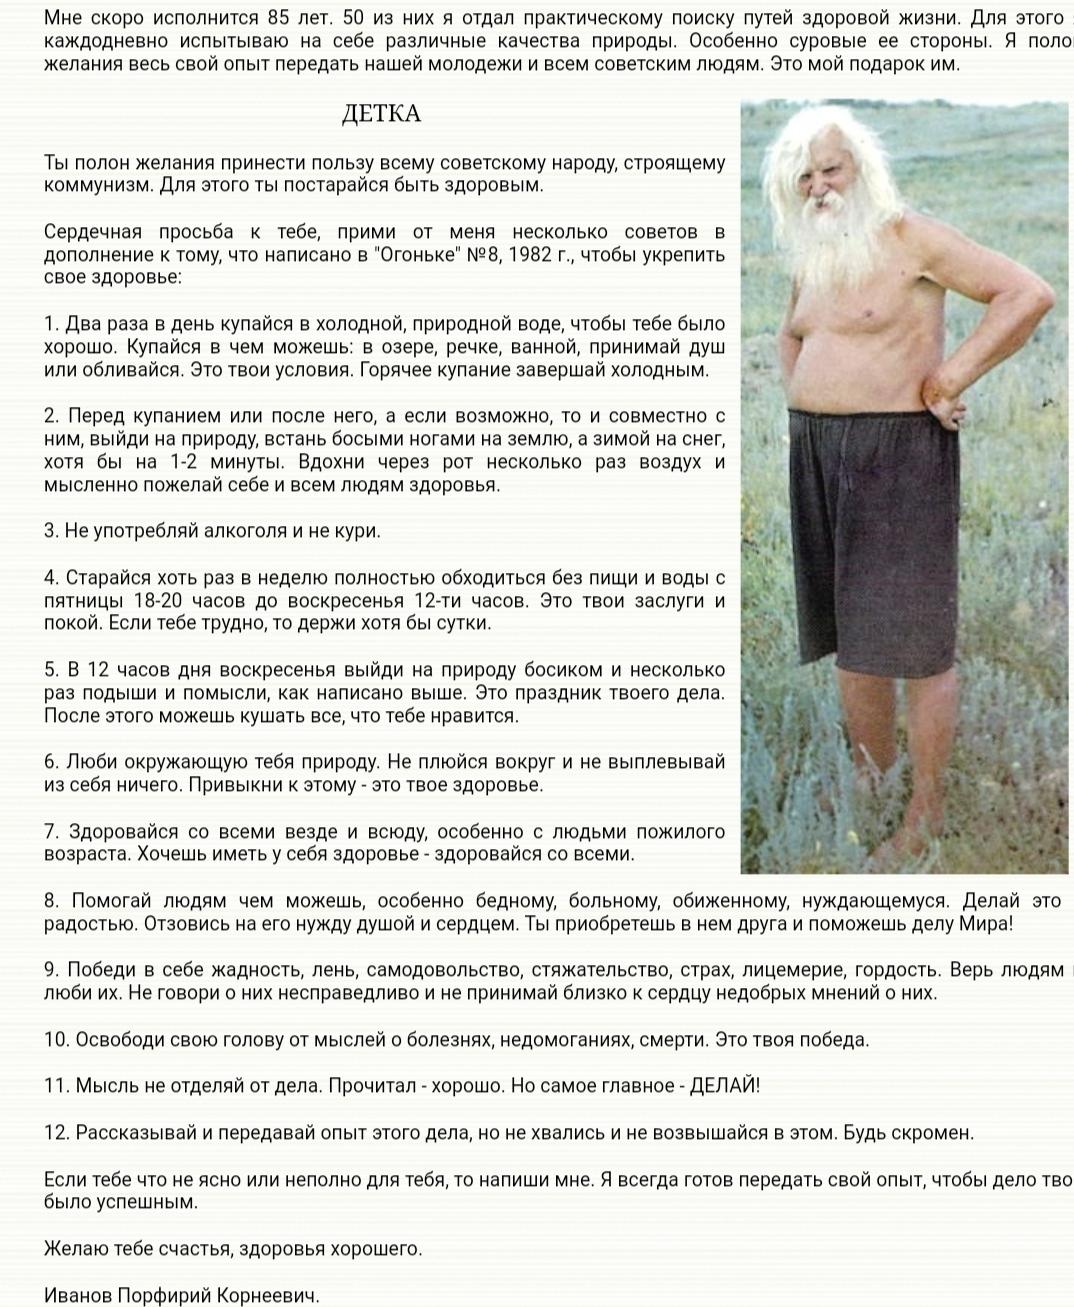 Скачать Детку Иванова Порифирия Корнеевича